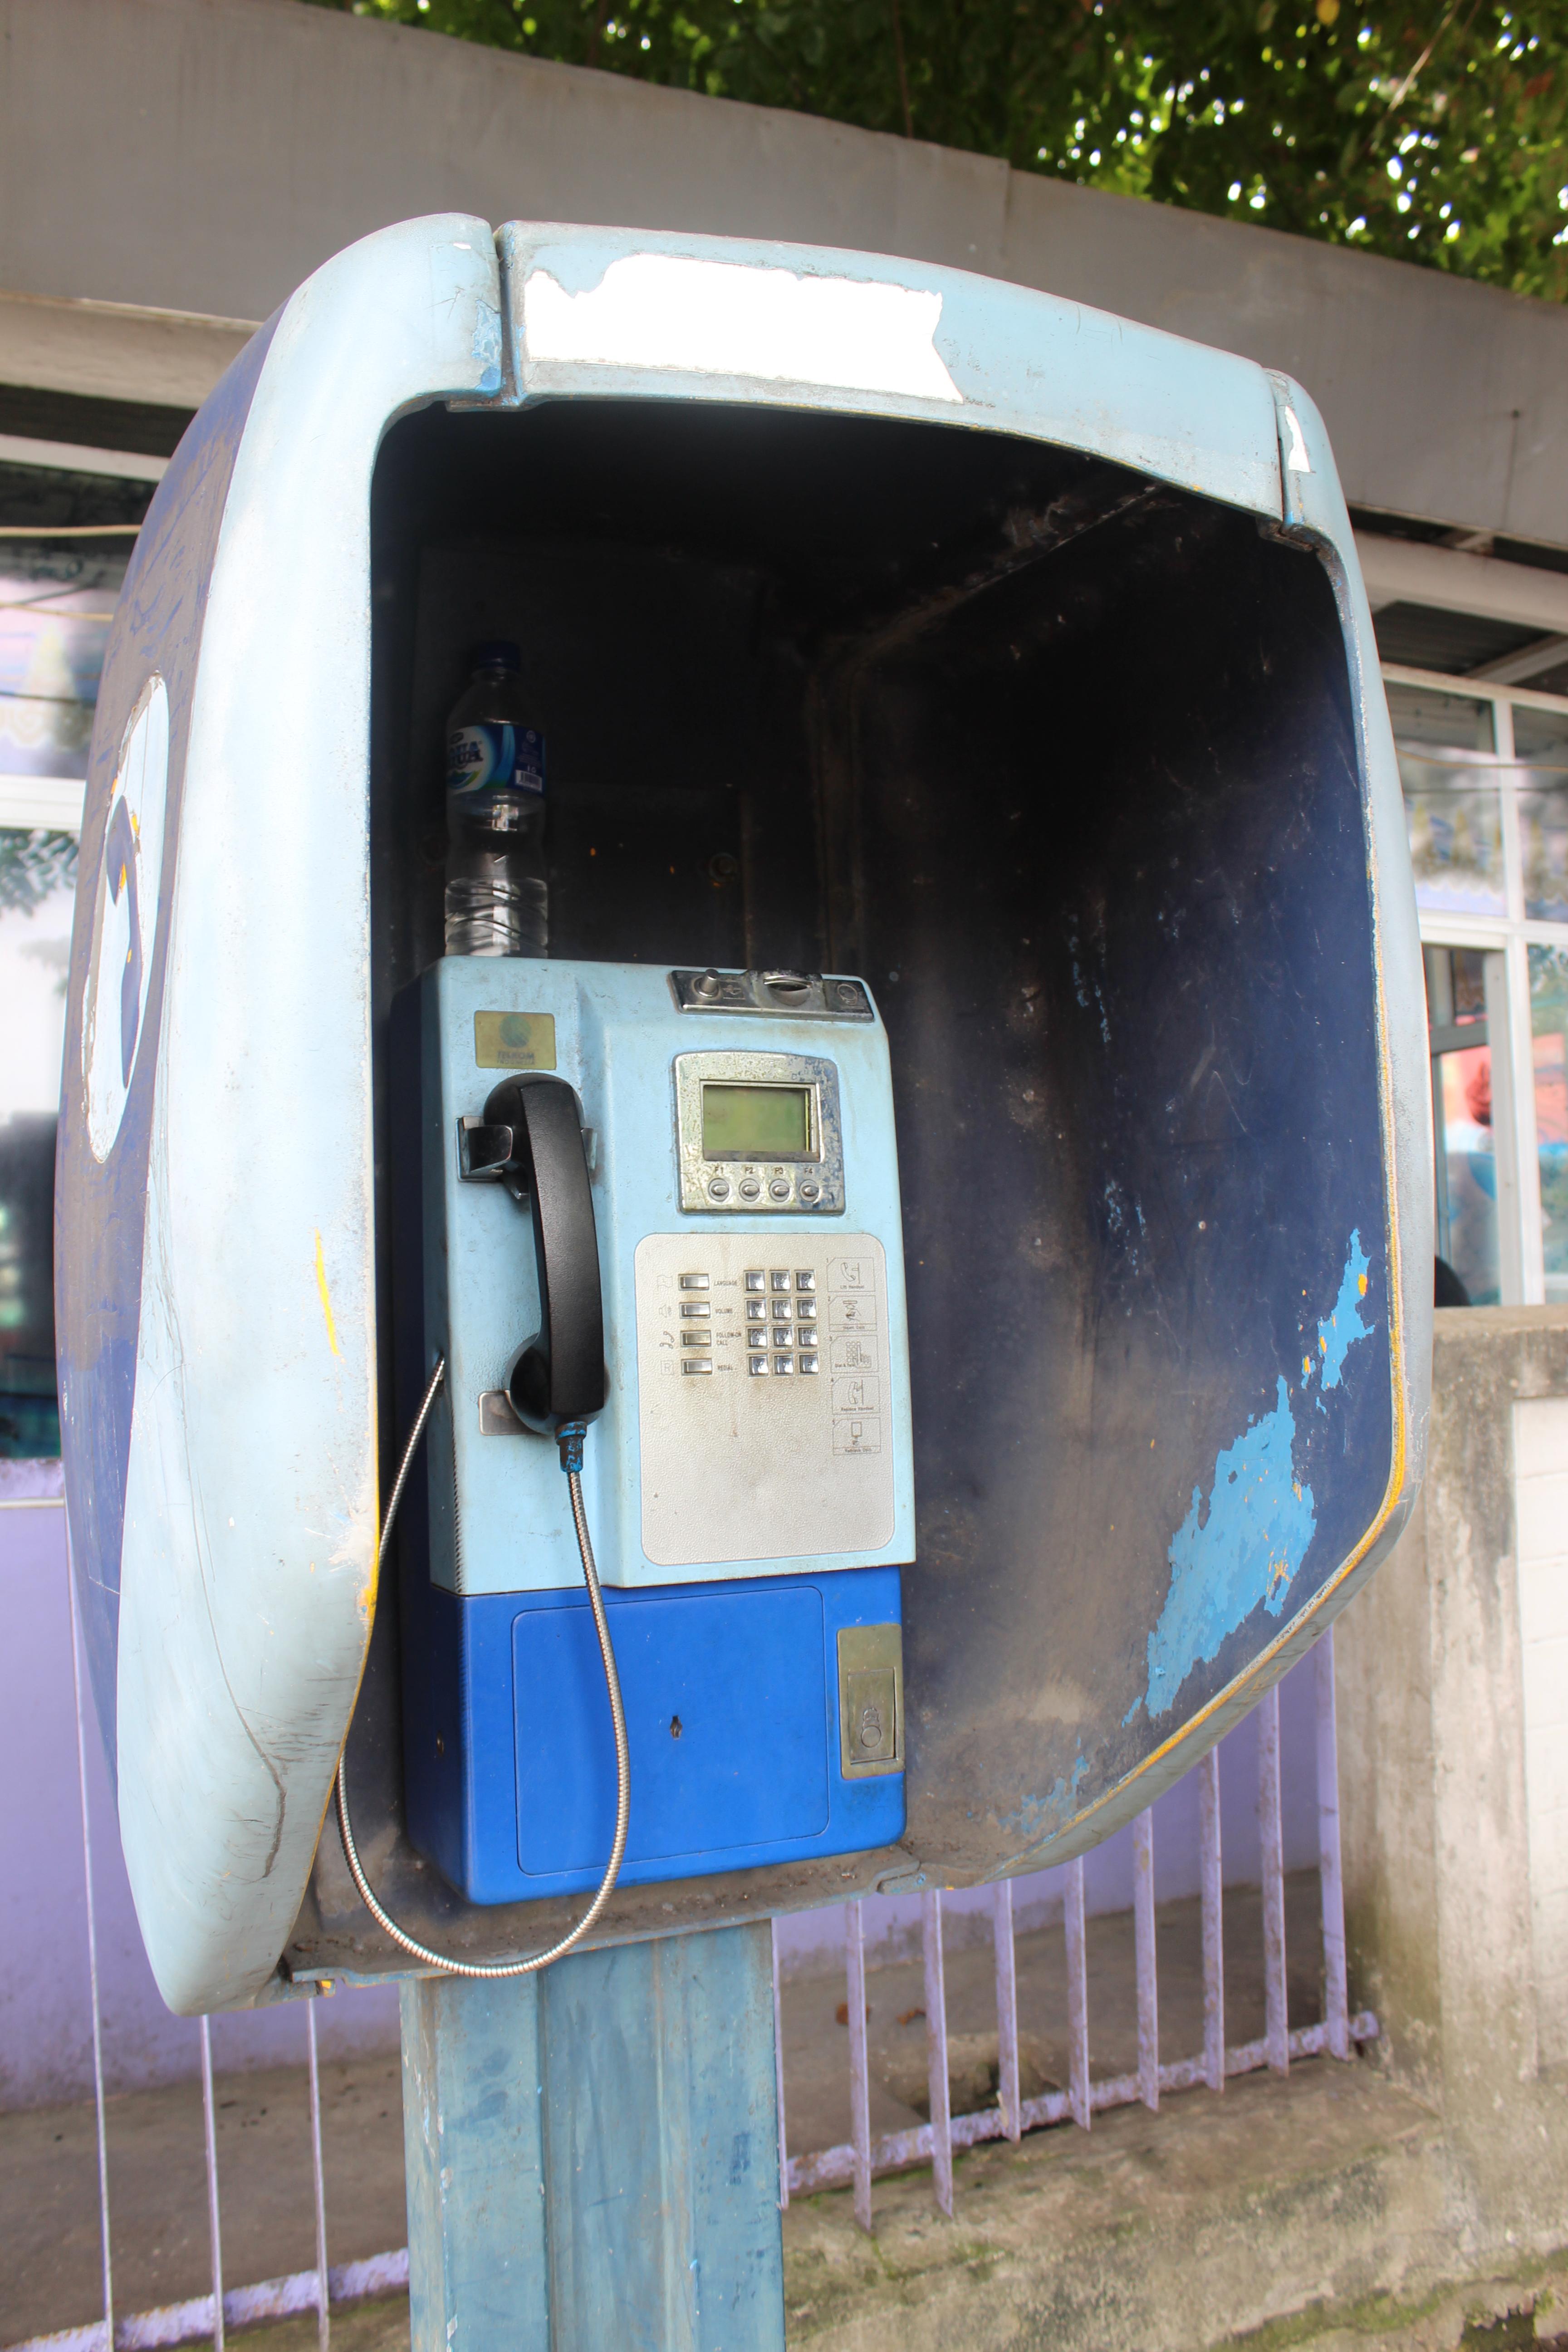 Jenis Jenis Telepon : jenis, telepon, Telepon, Wikipedia, Bahasa, Indonesia,, Ensiklopedia, Bebas